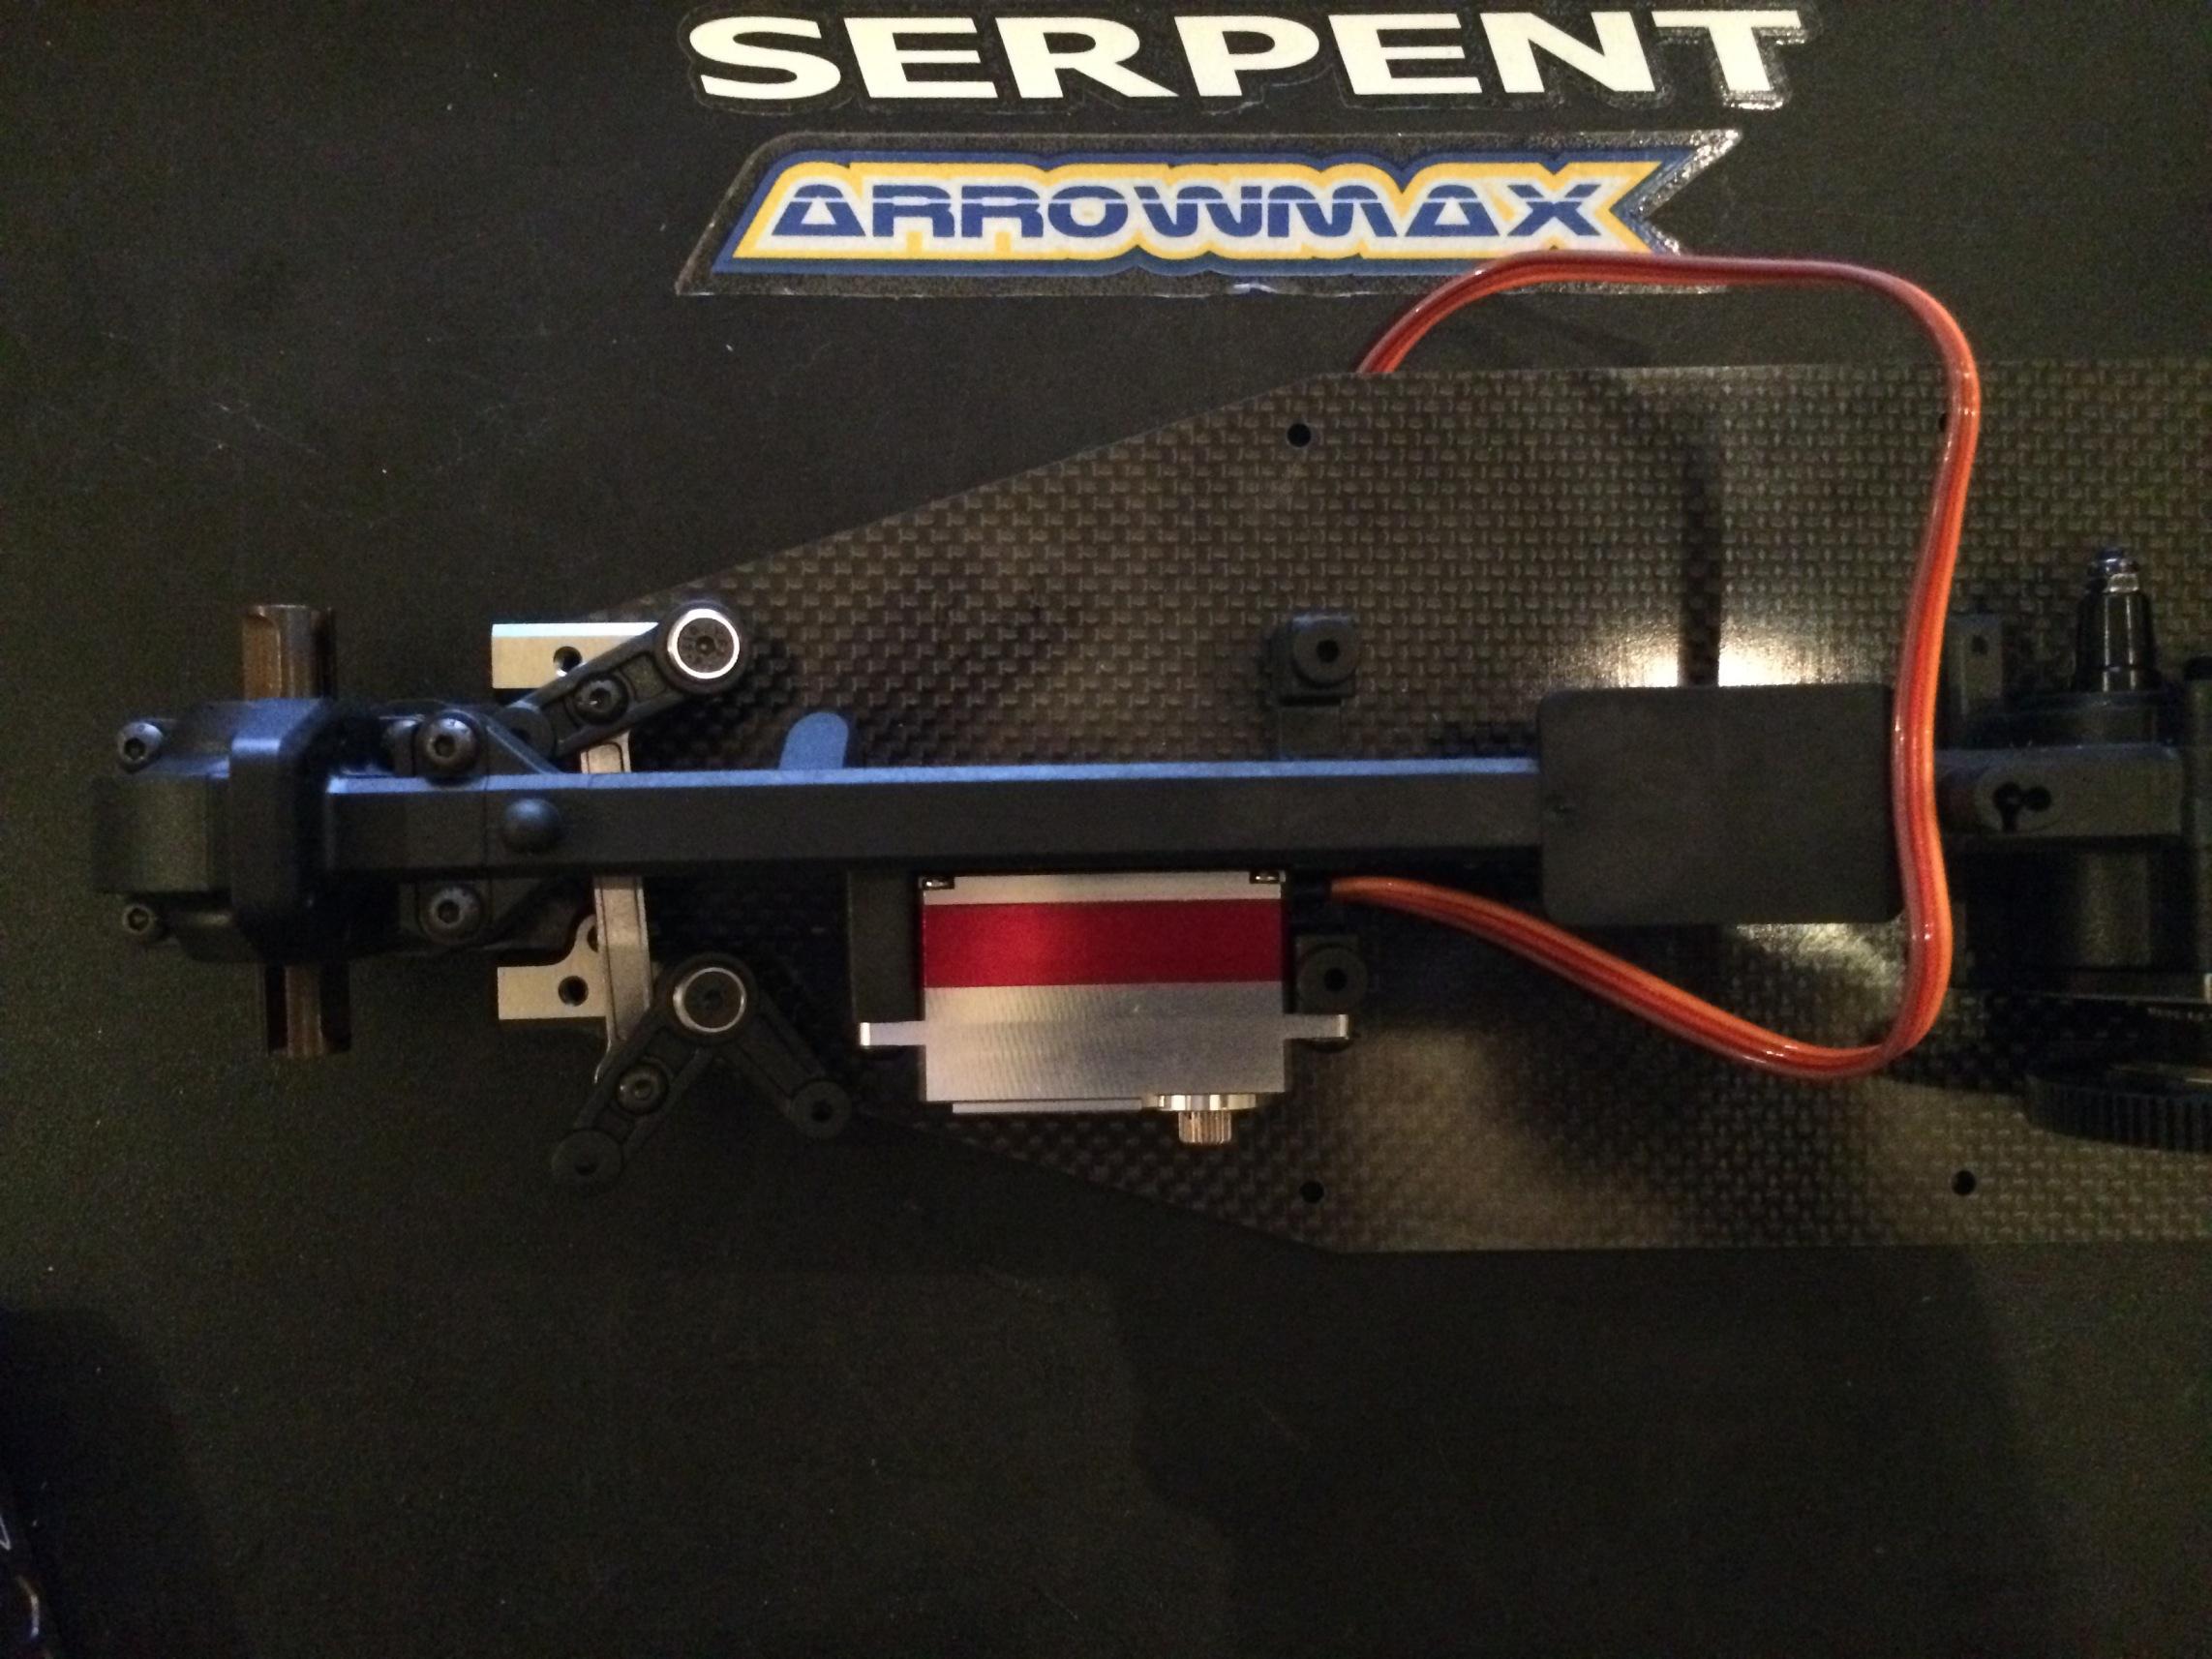 Serpent SRX-4 Build 107